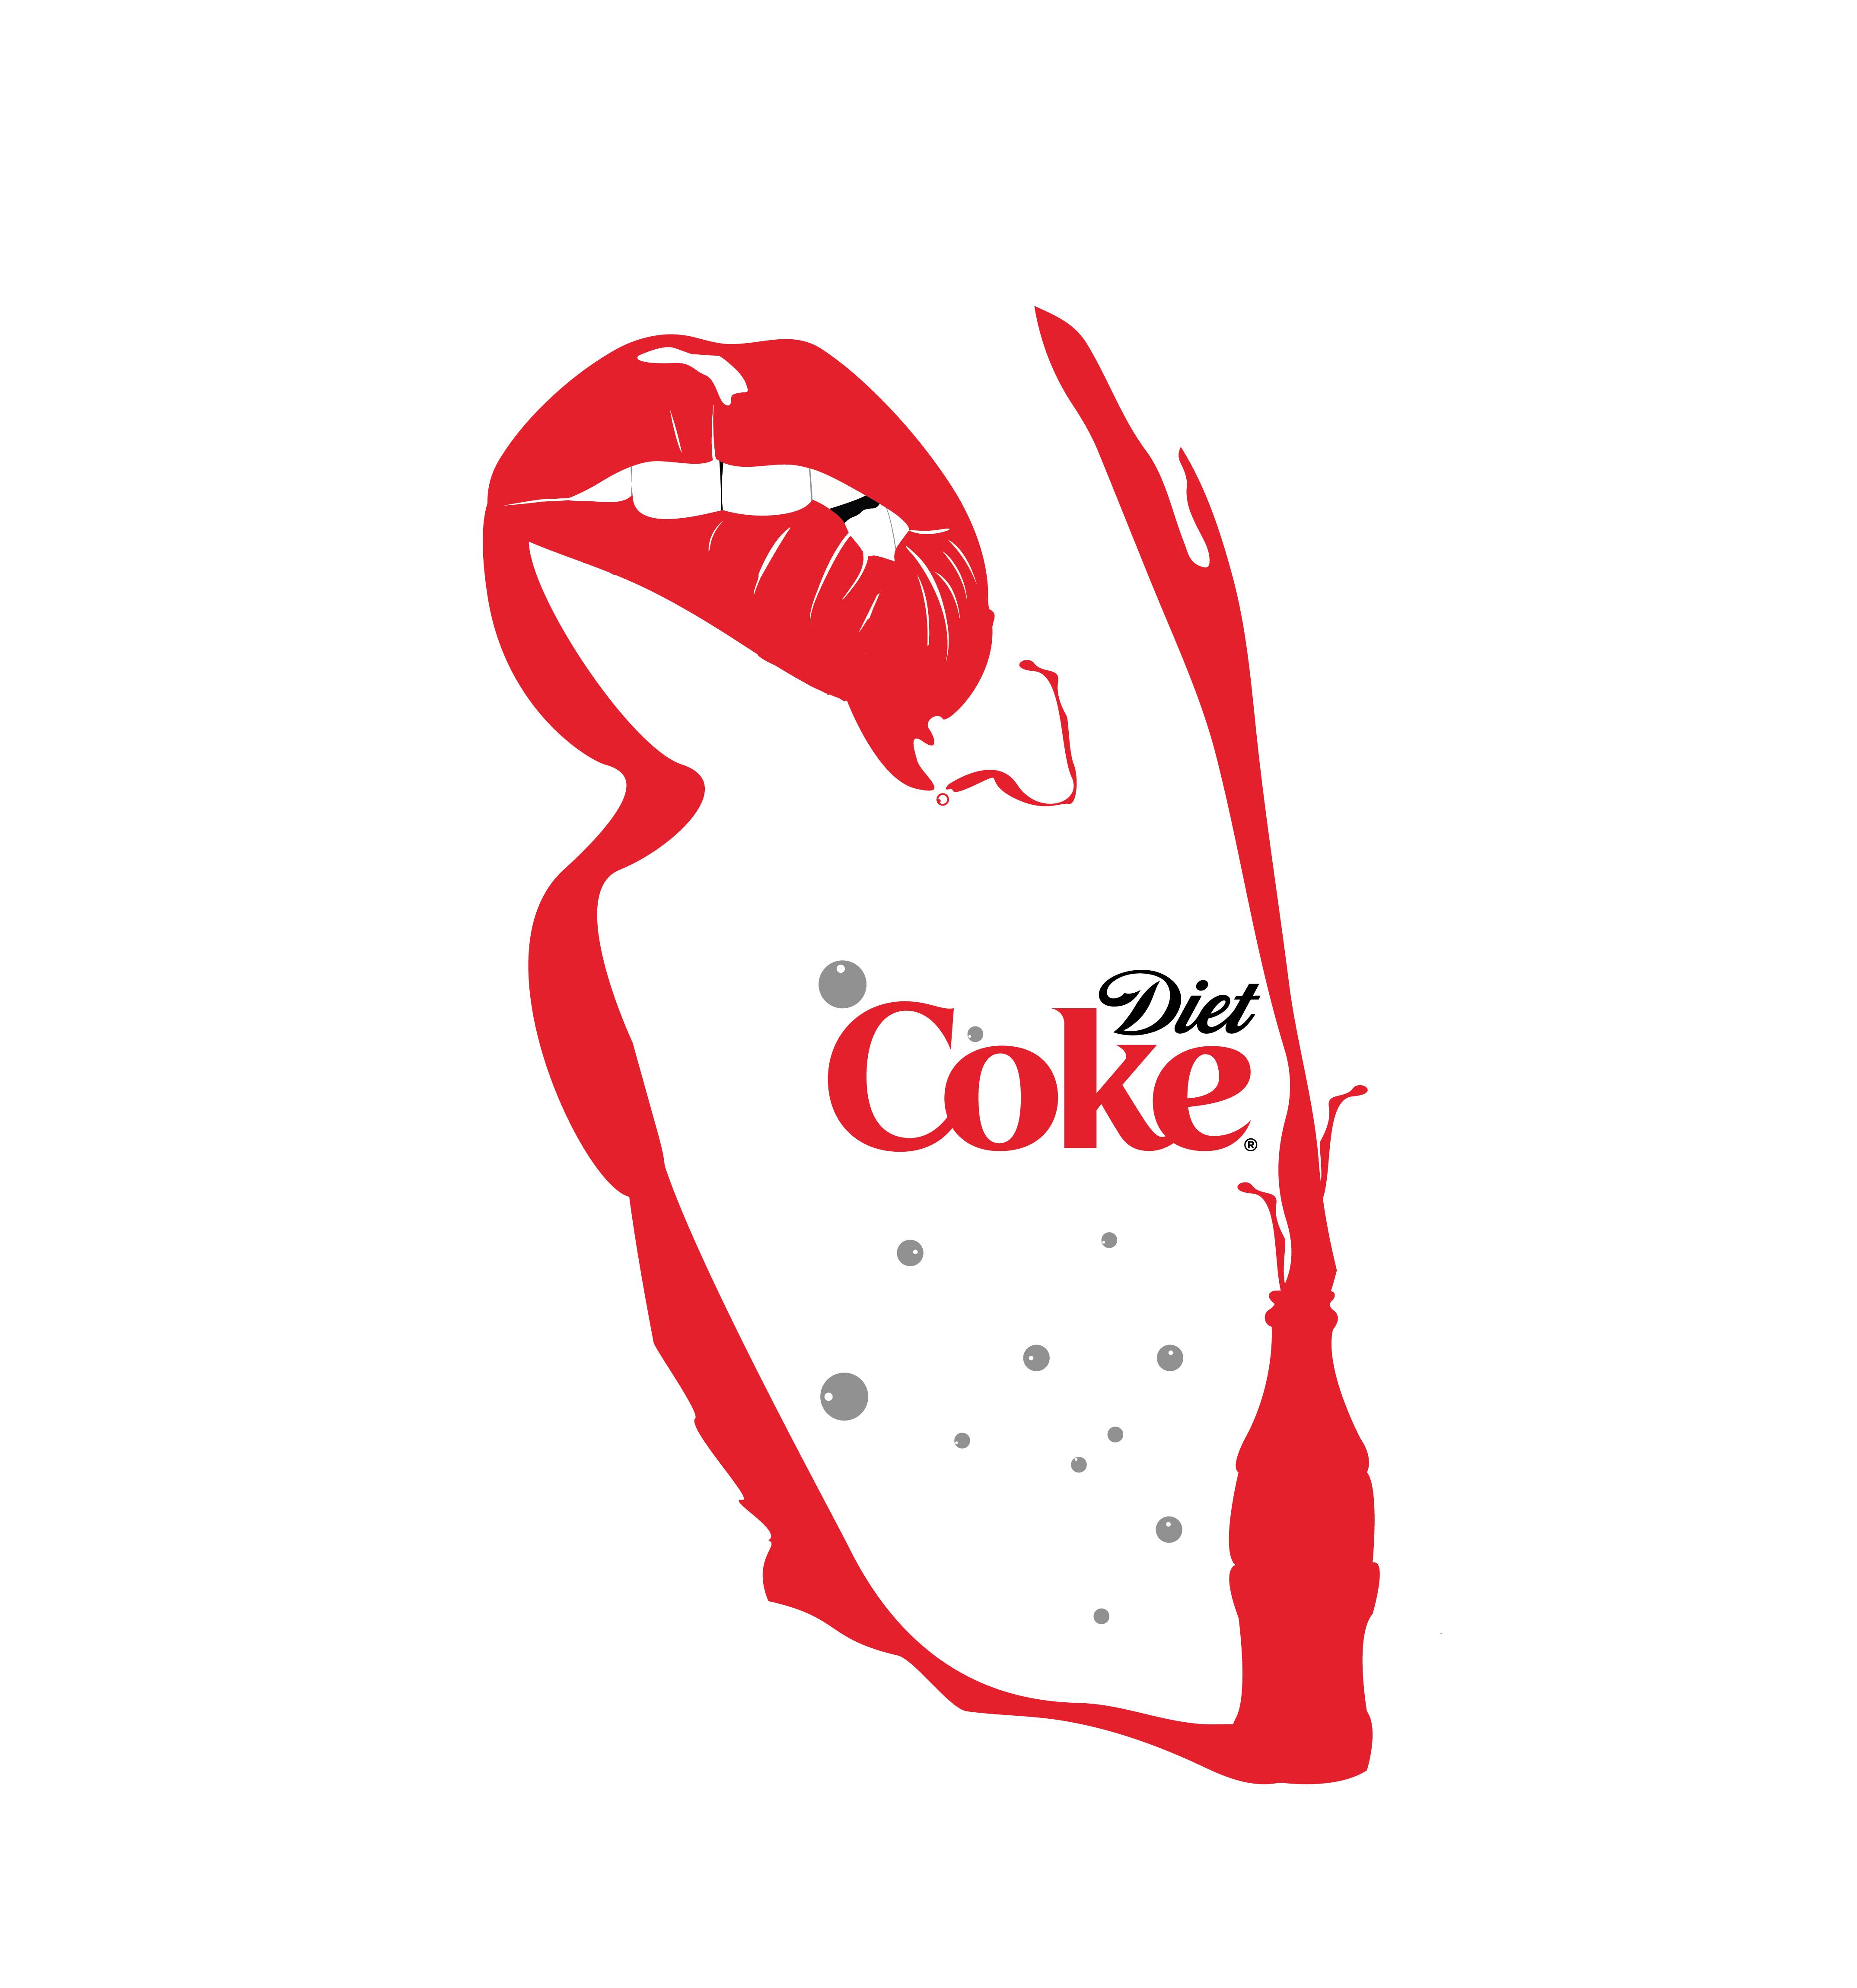 Diet Coke Logo 2013 Diet coke young designerDiet Coke Logo 2013